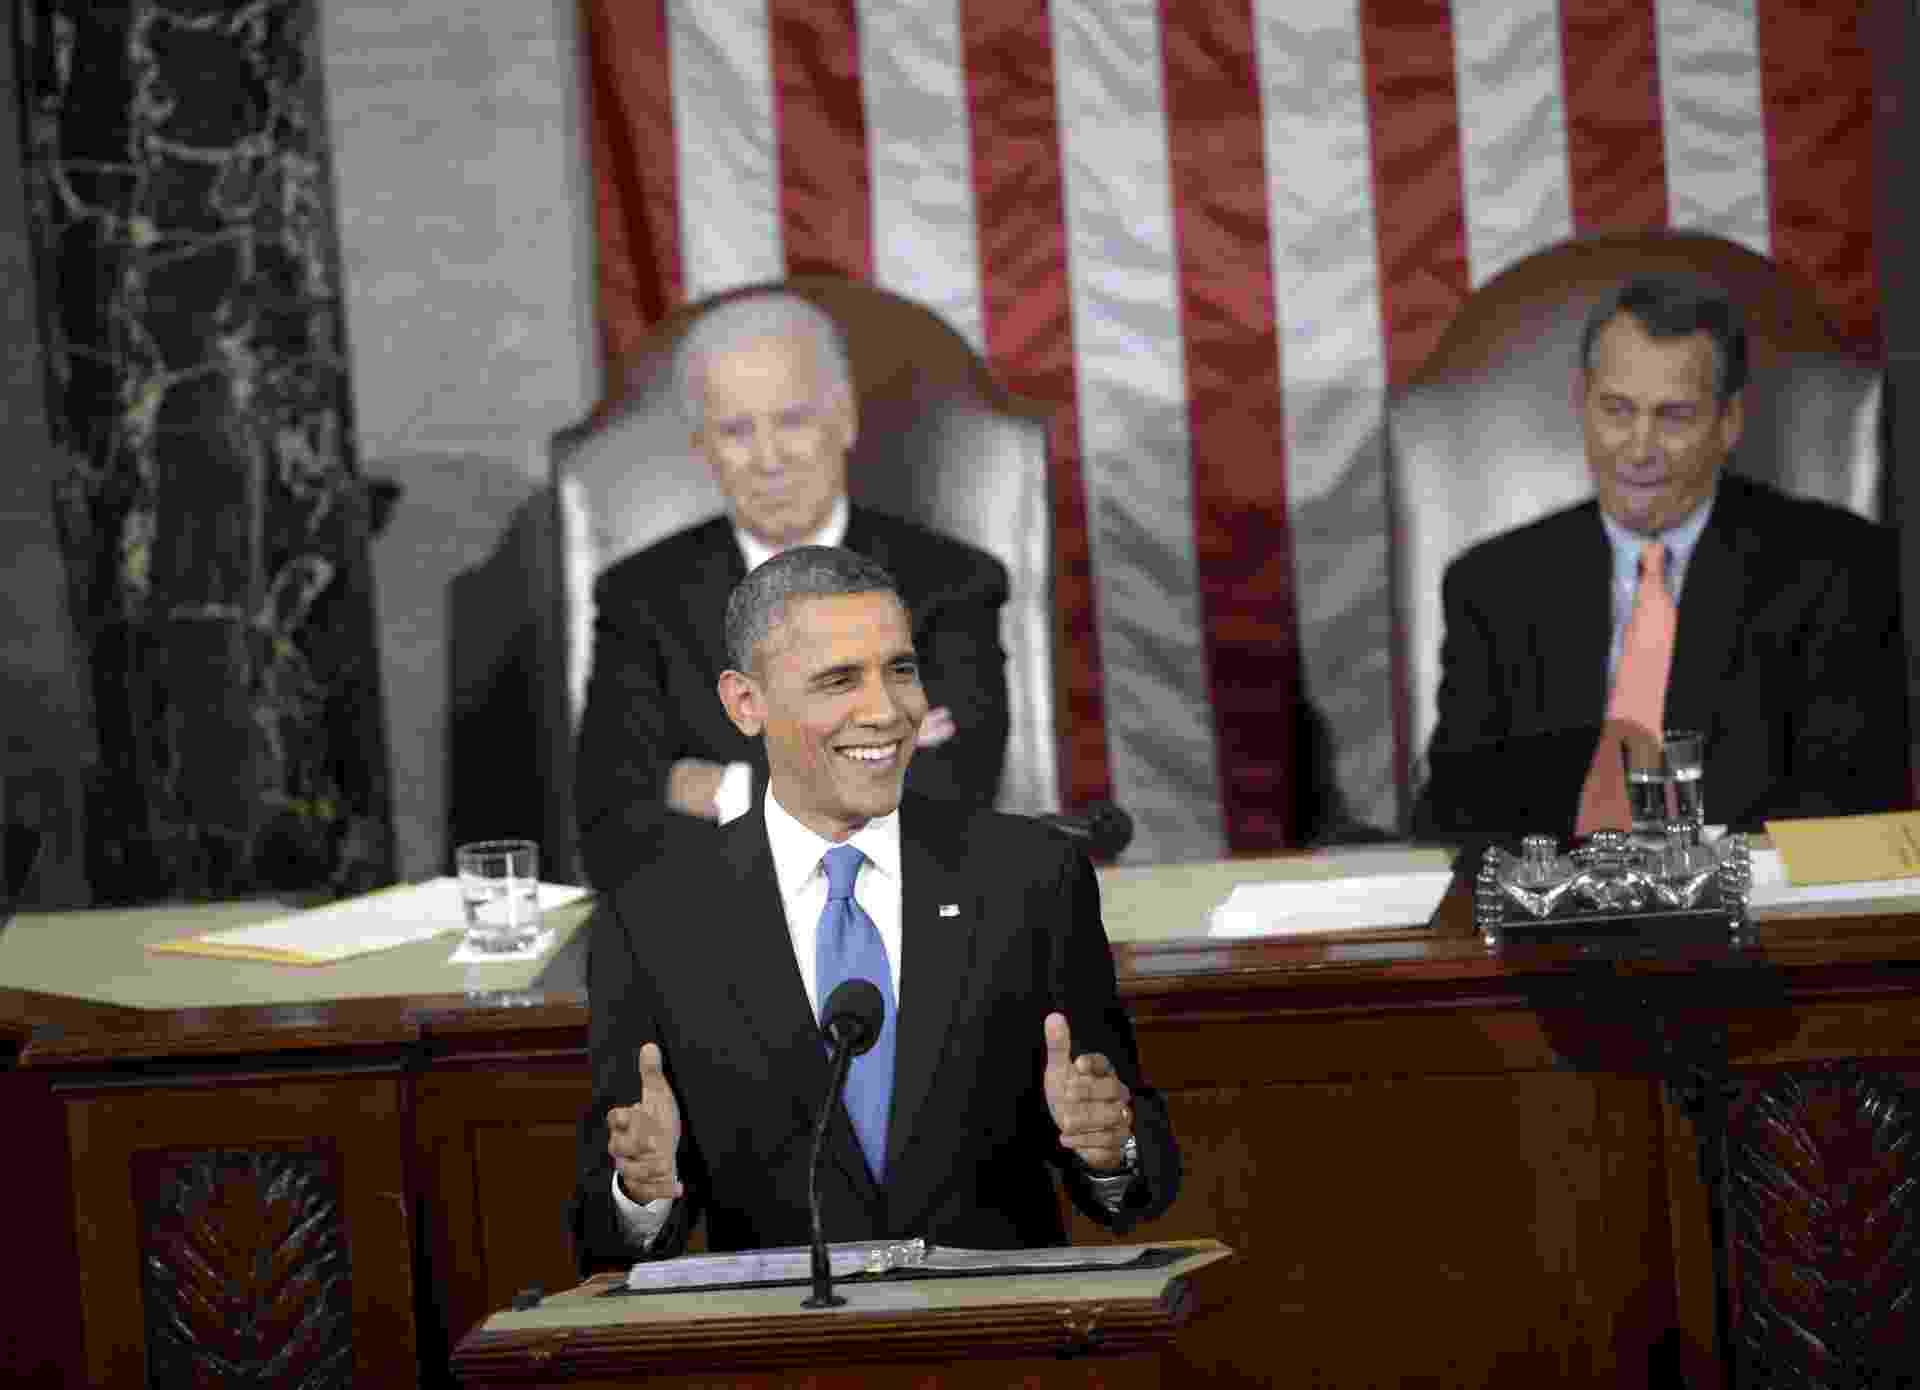 13.fev.2013 - O presidente dos Estados Unidos, Barack Obama, prometeu, durante discurso ao Congresso, que tomará 'medidas executivas' para combater os efeitos da mudança climática - Brendan Smialowski/AFP